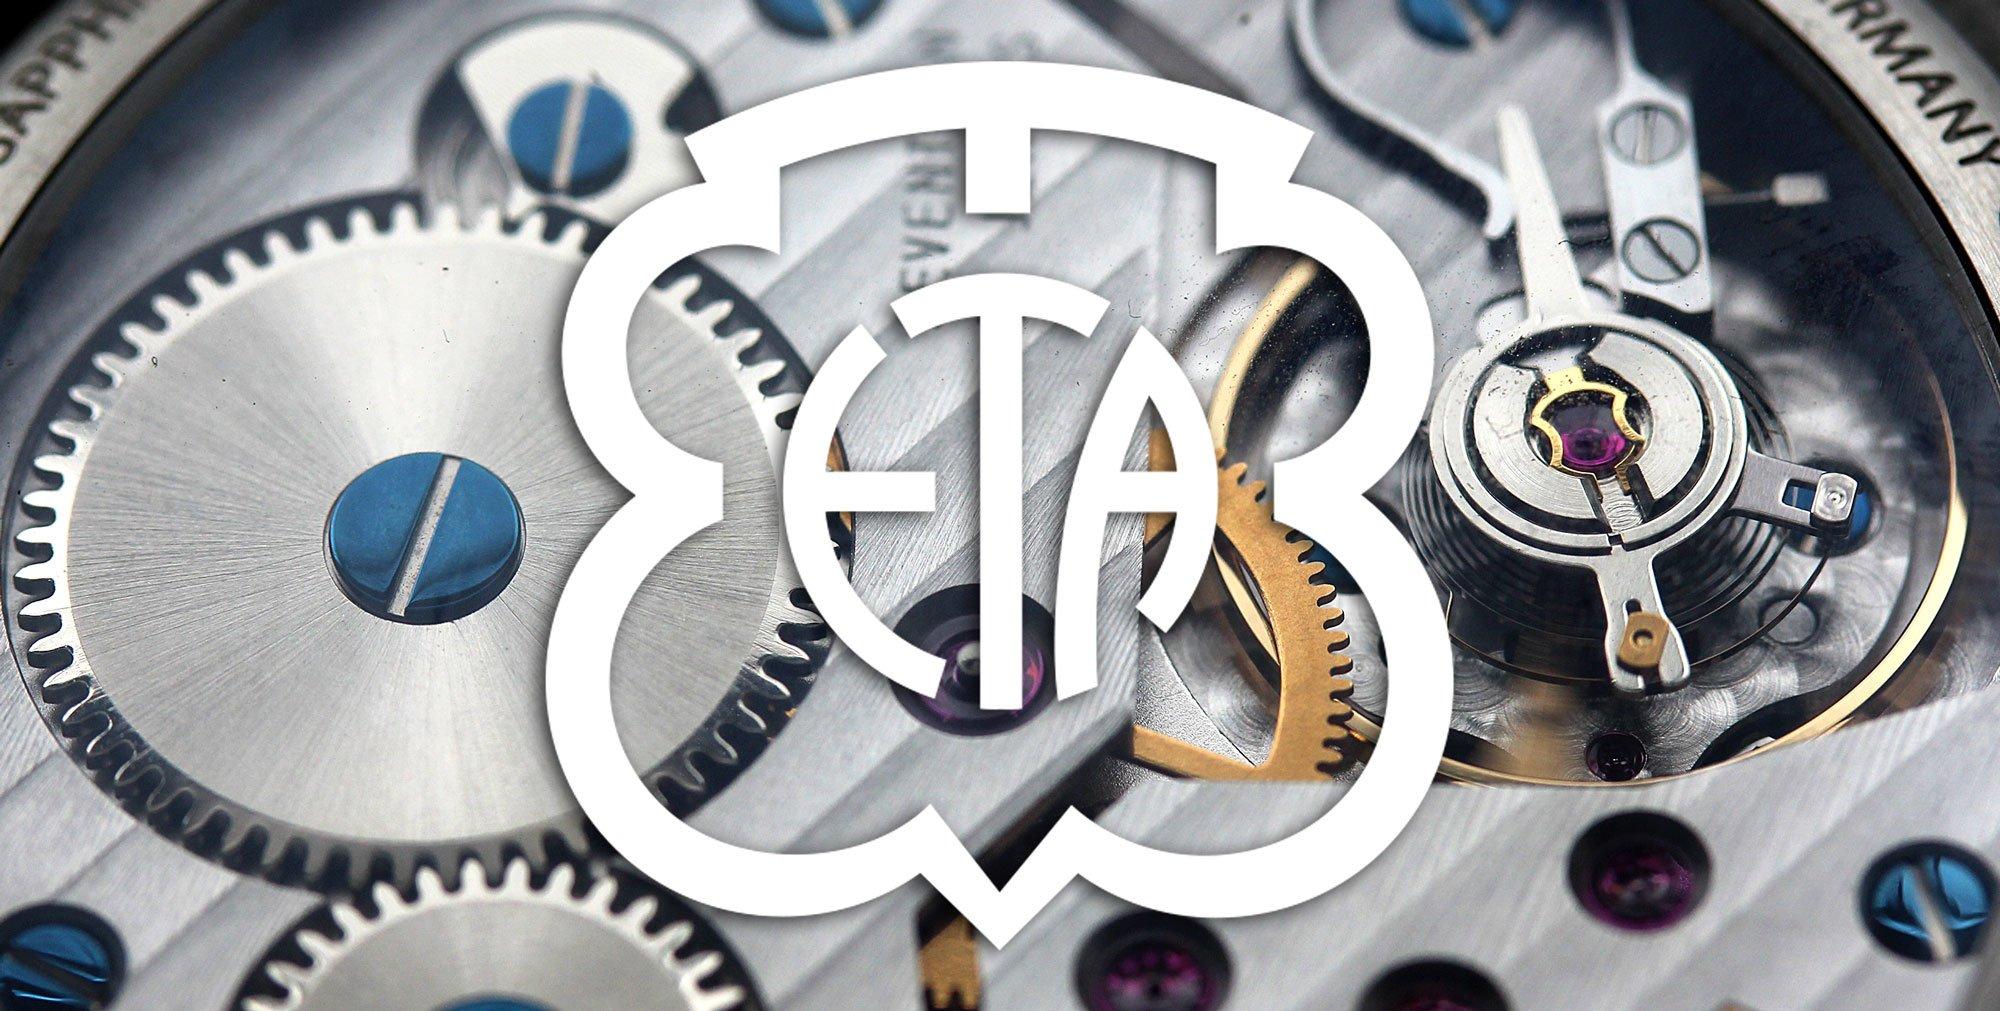 Механизмы ETA